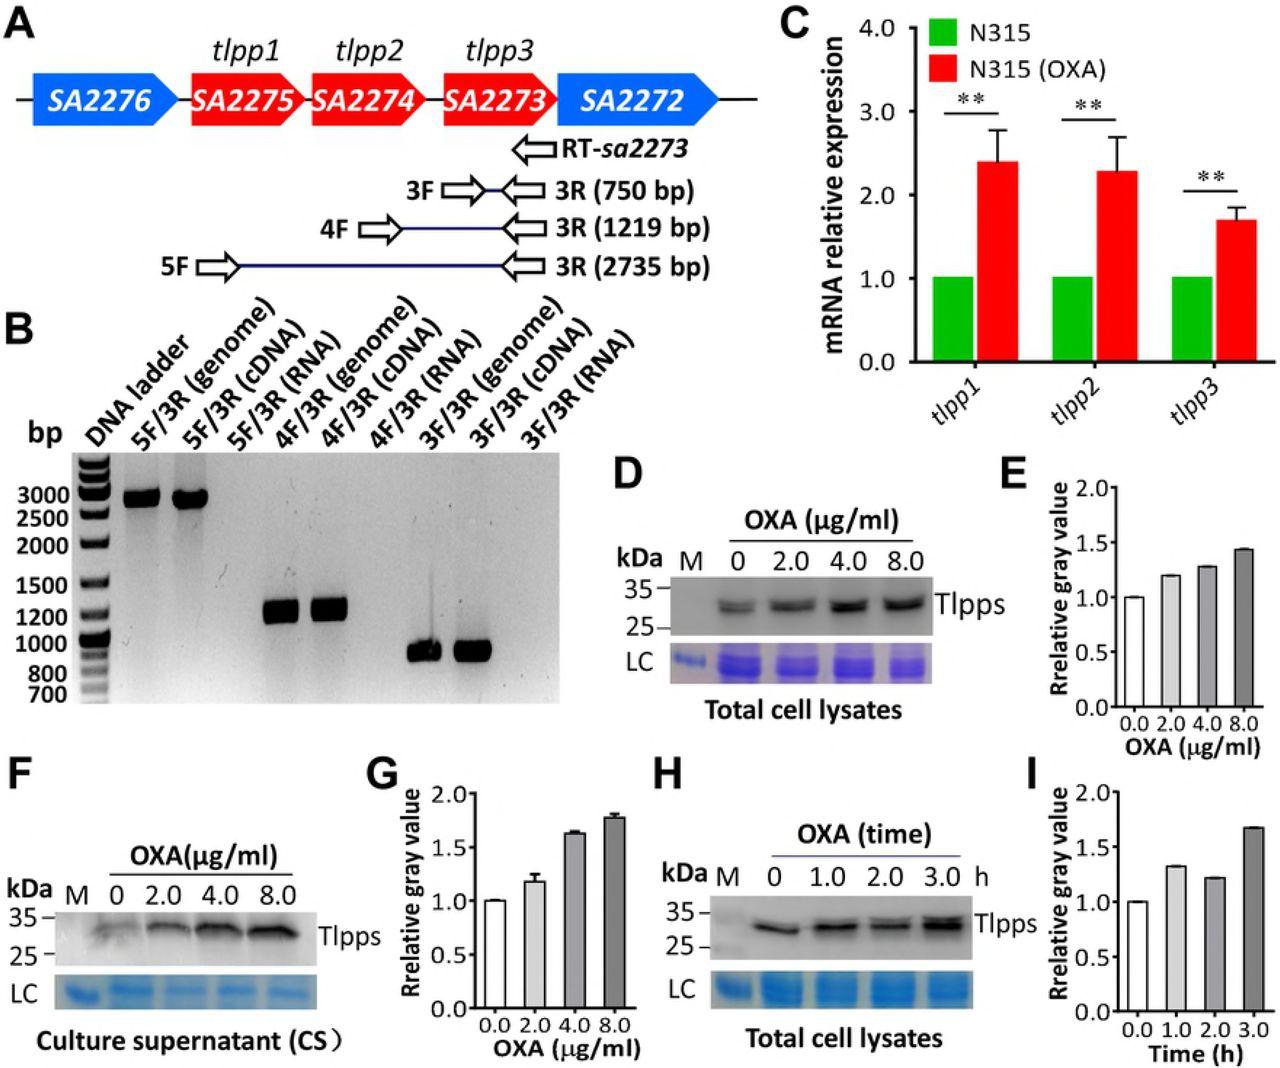 β Lactam Antibiotics Stimulate The Pathogenicity Of